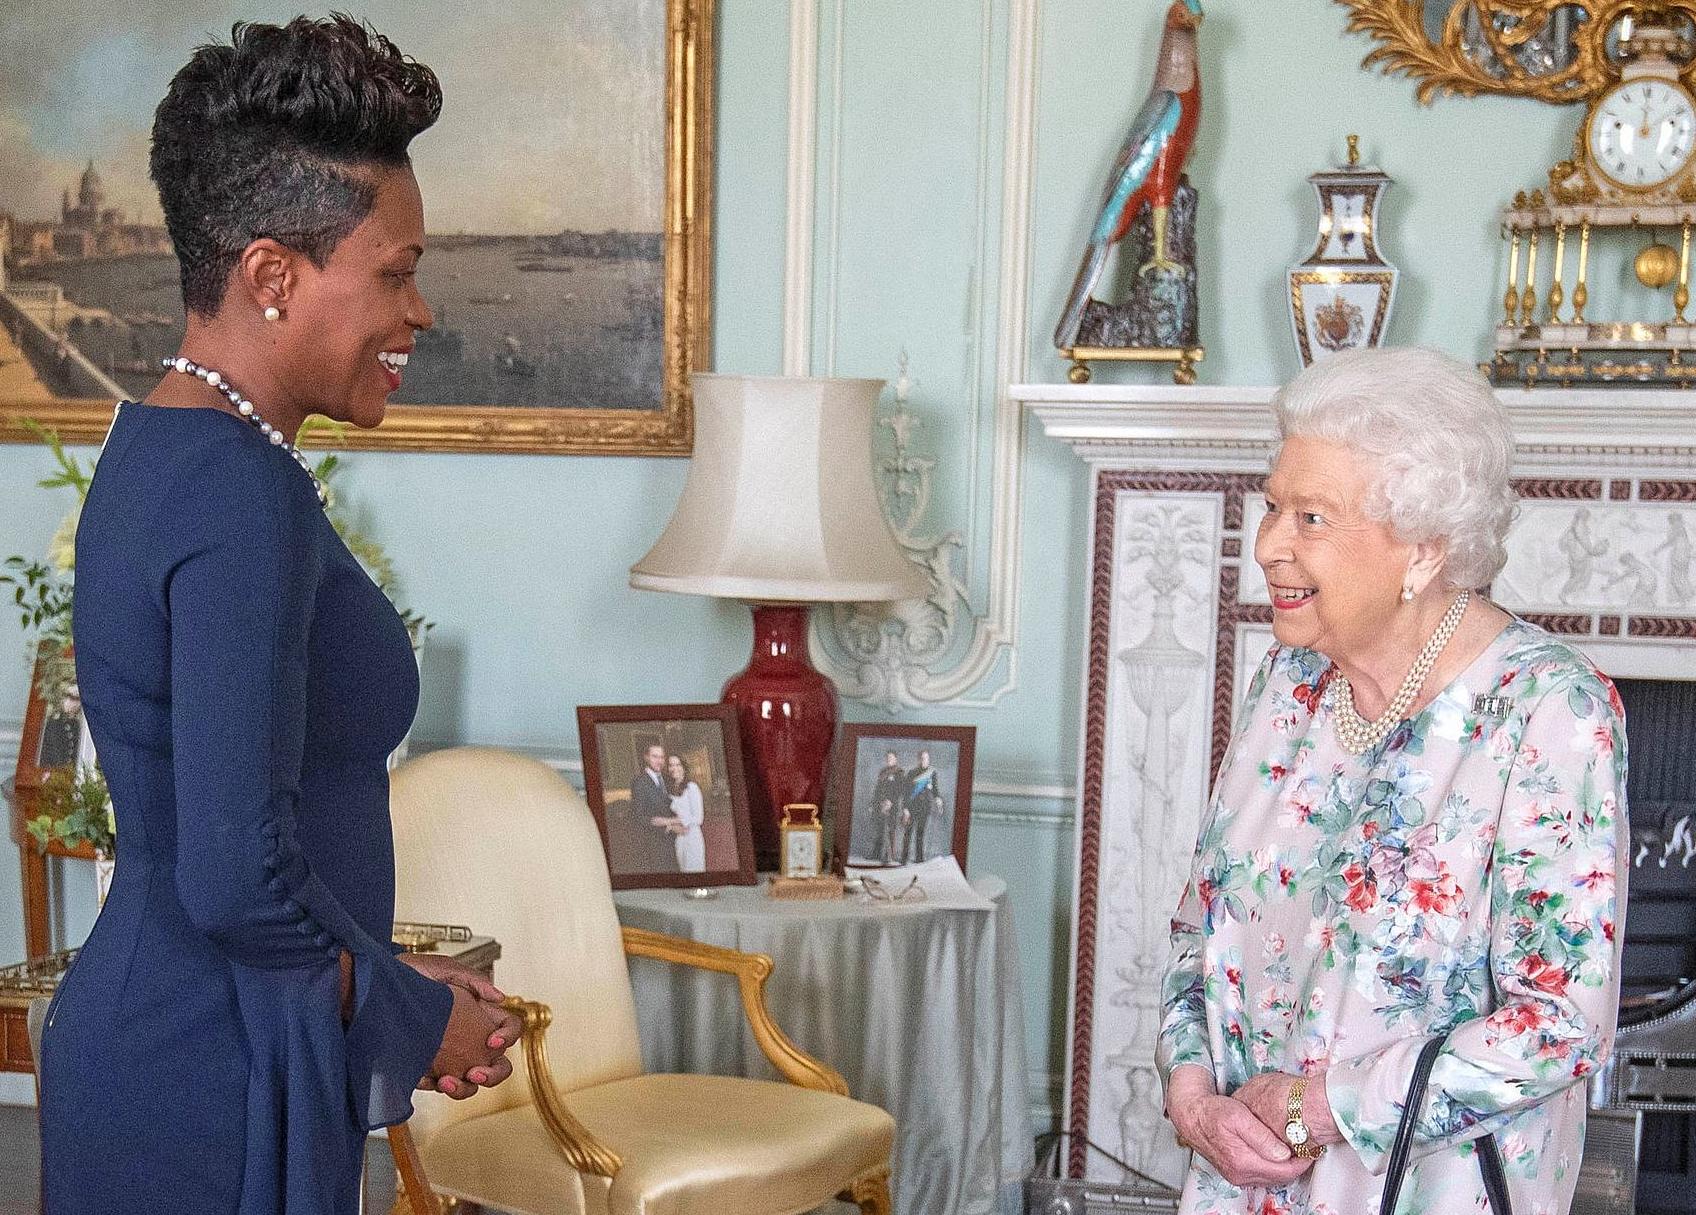 Rainharecentesemfoto Fotografia De Meghan Markle E Harry Desaparece No Palácio De Buckingham